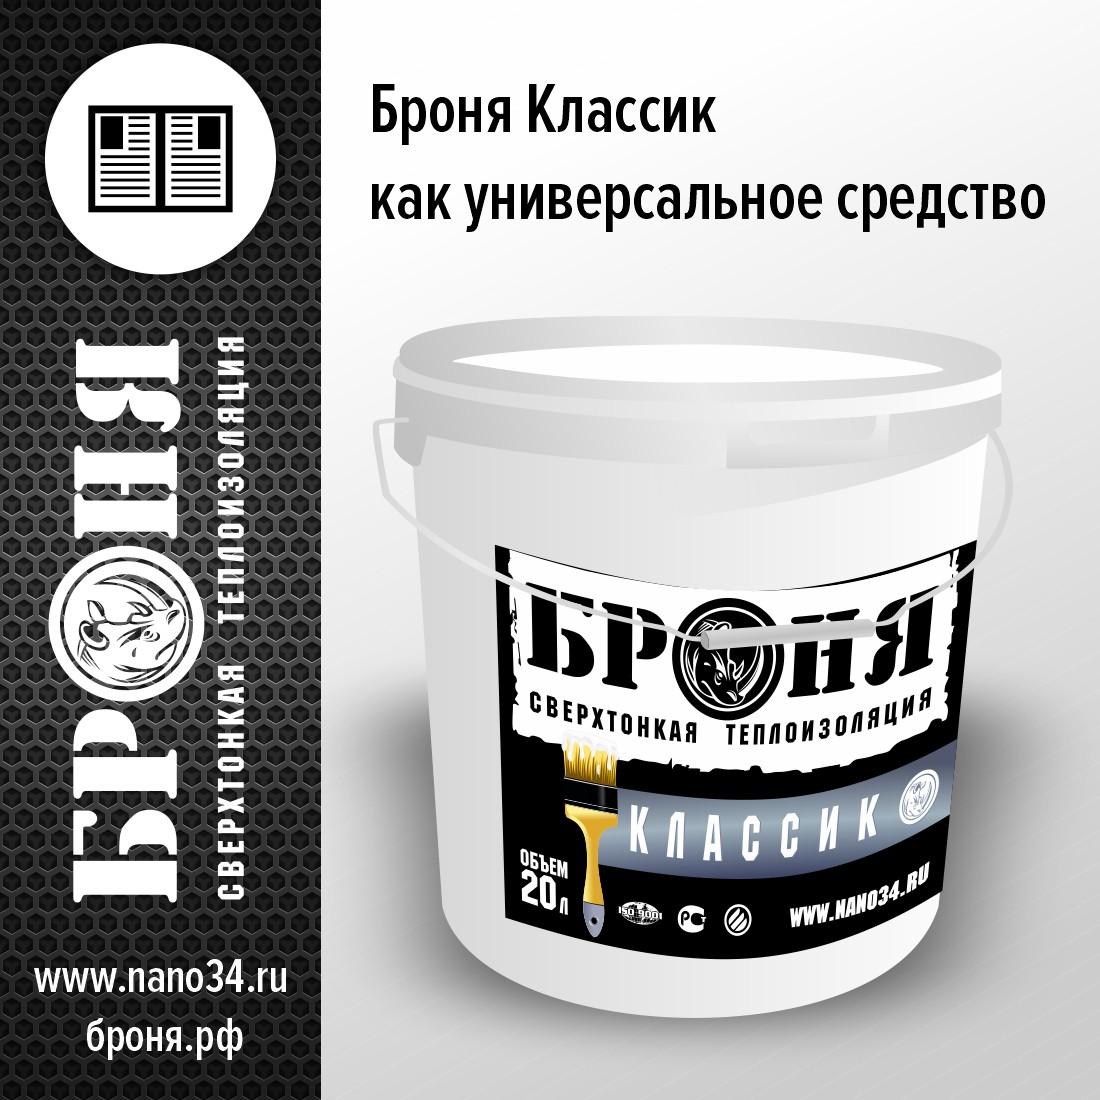 Инструкция жидкая теплоизоляция броня фасад - жидкая керамическая теплоизоляция броня